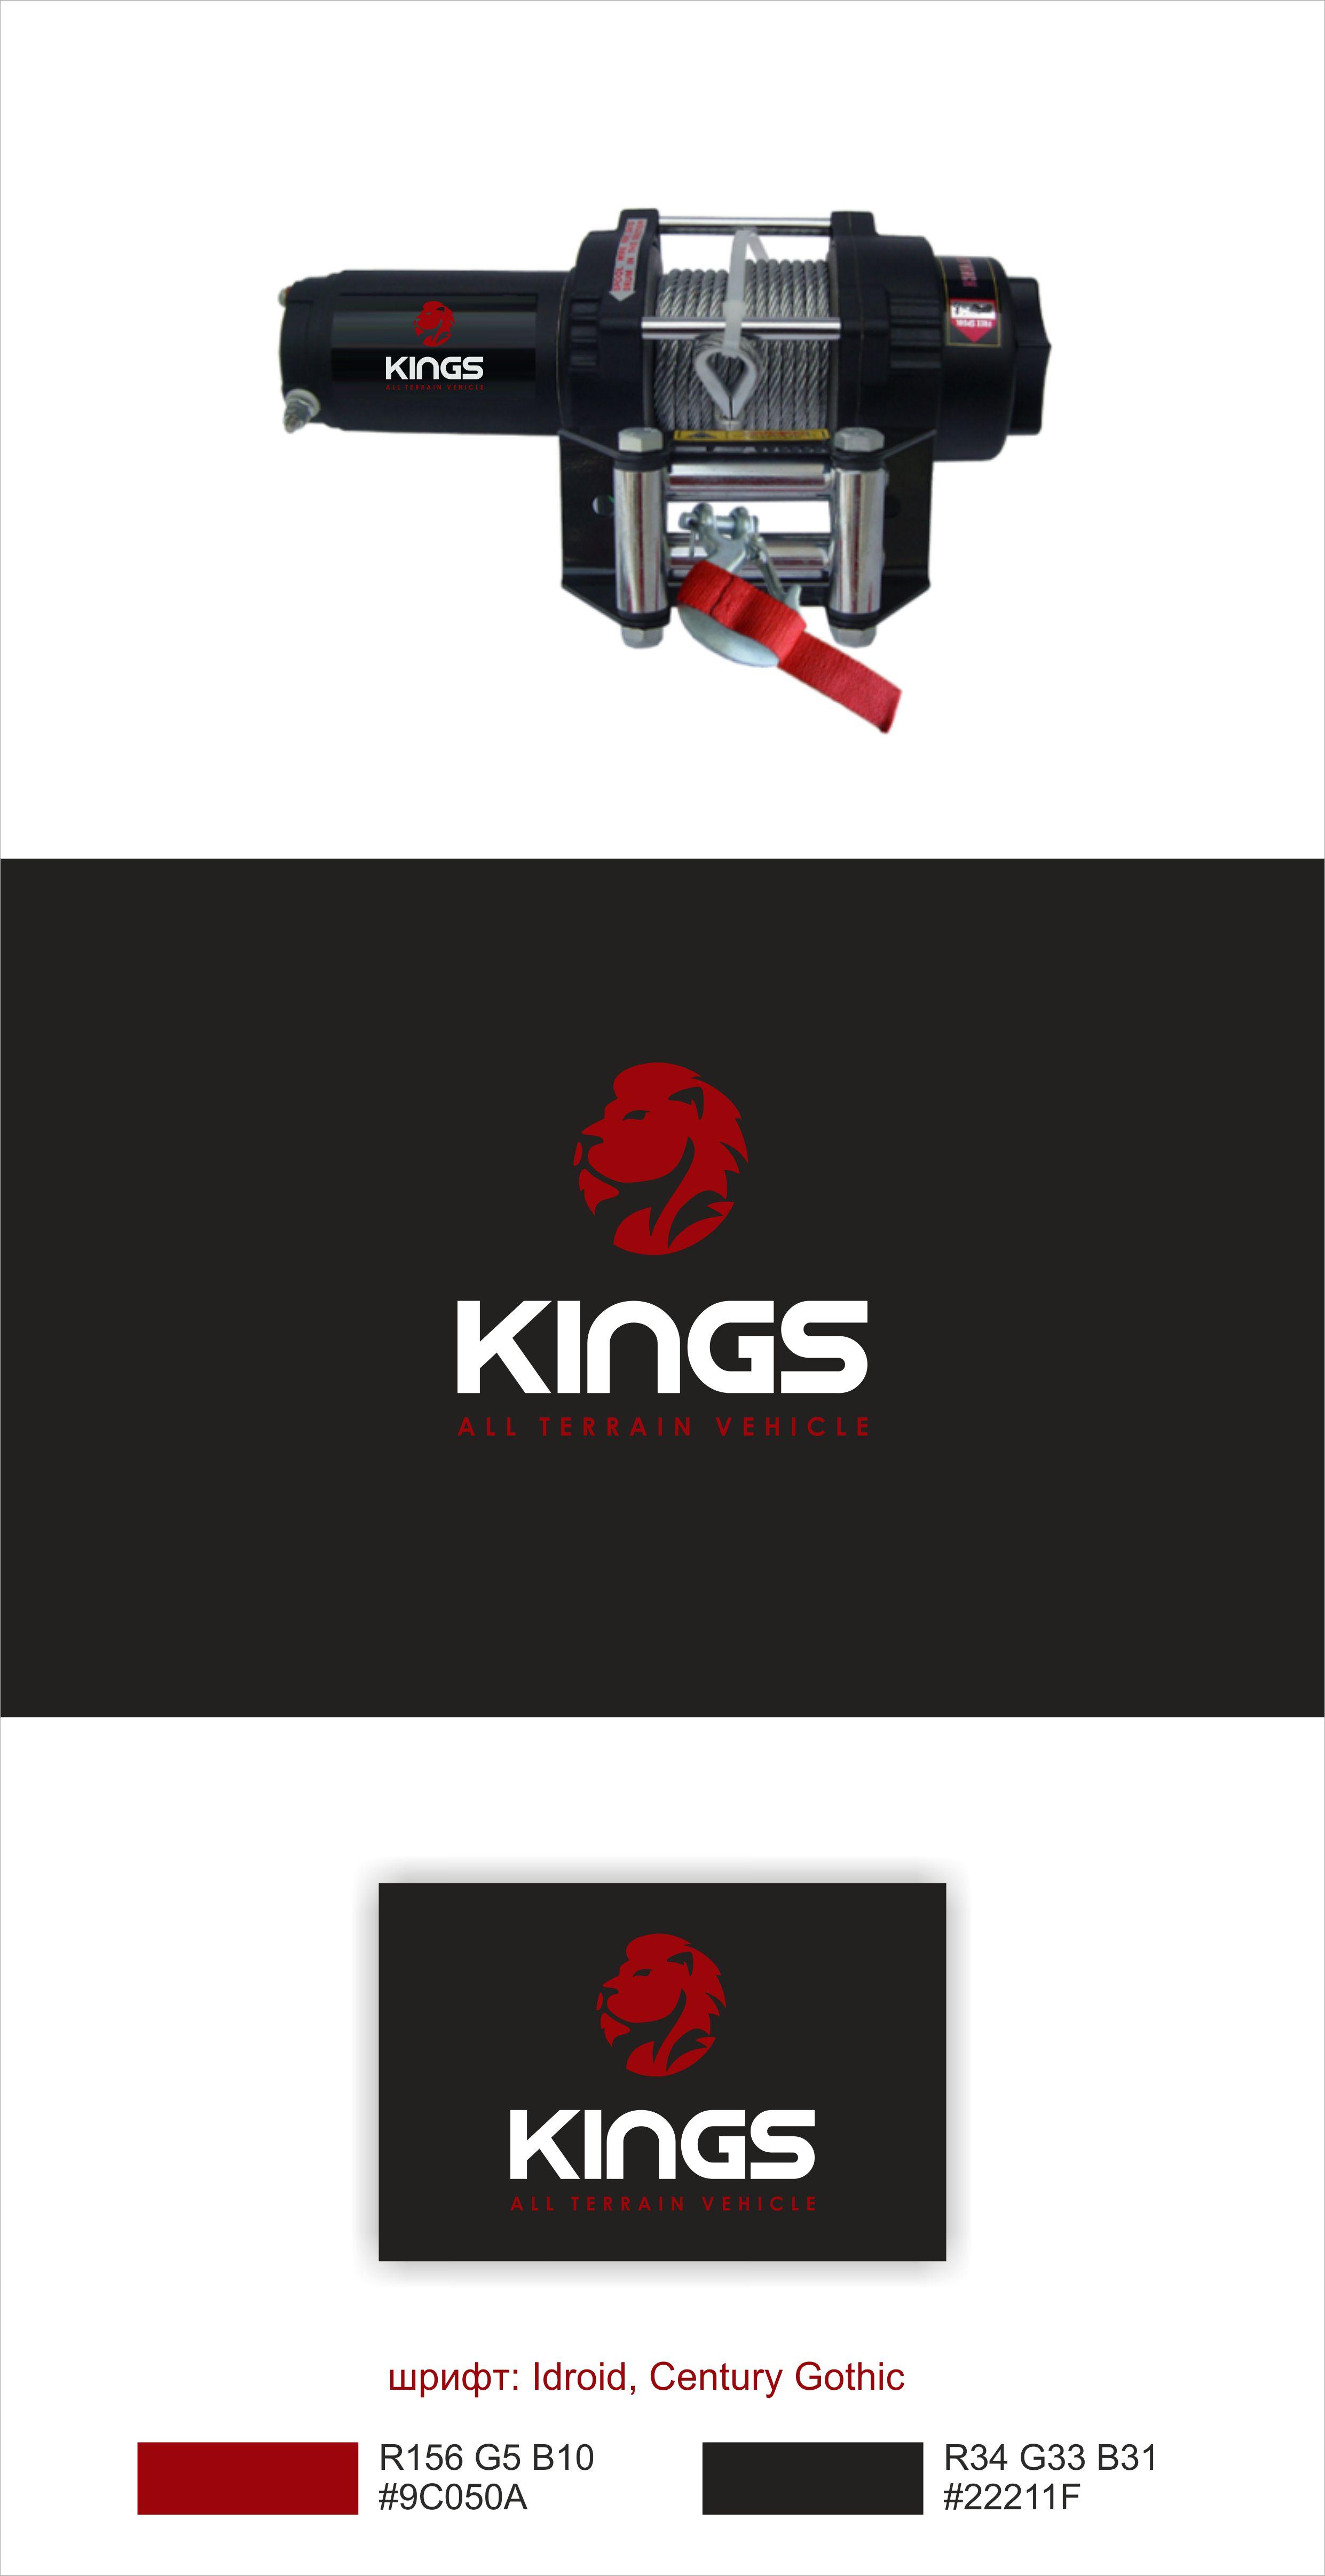 Kings.jpg title=